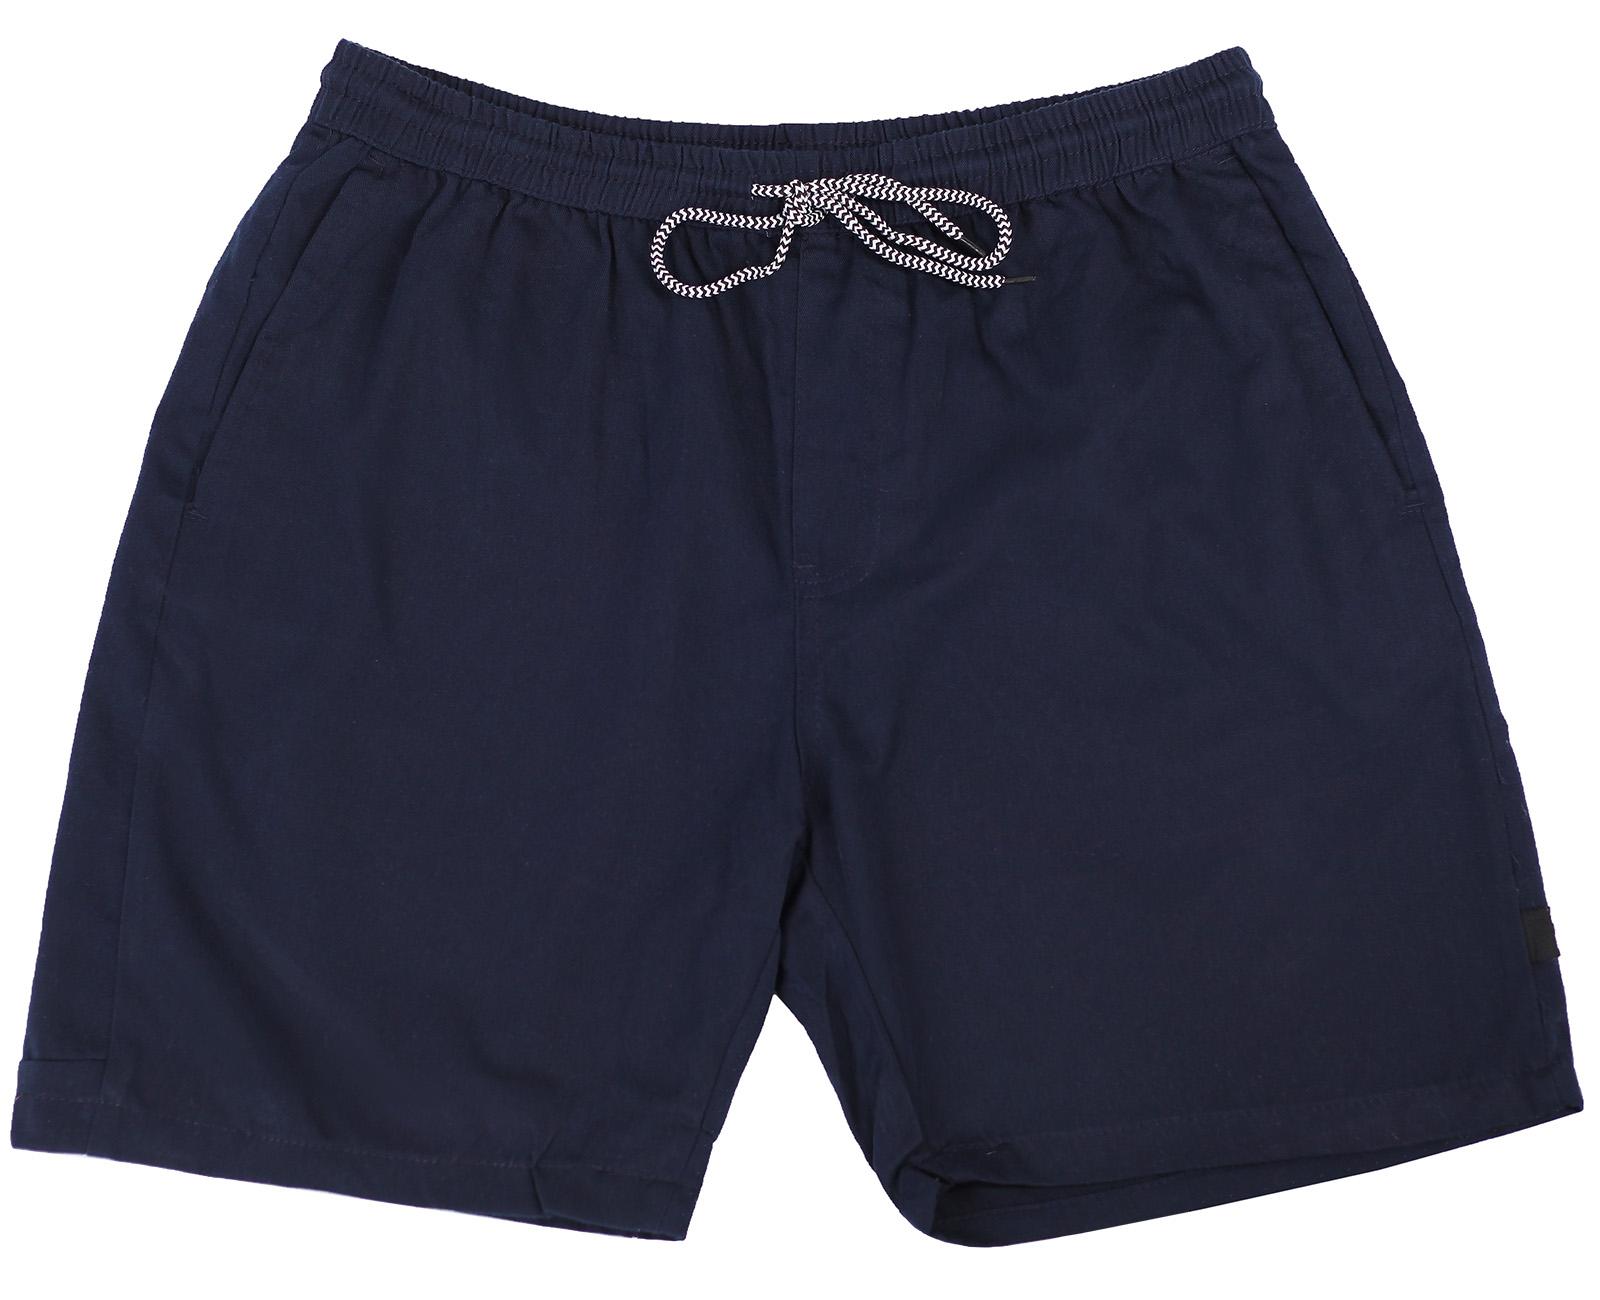 Мужские шорты Alolokai - купить в интернет-магазине с доставкой